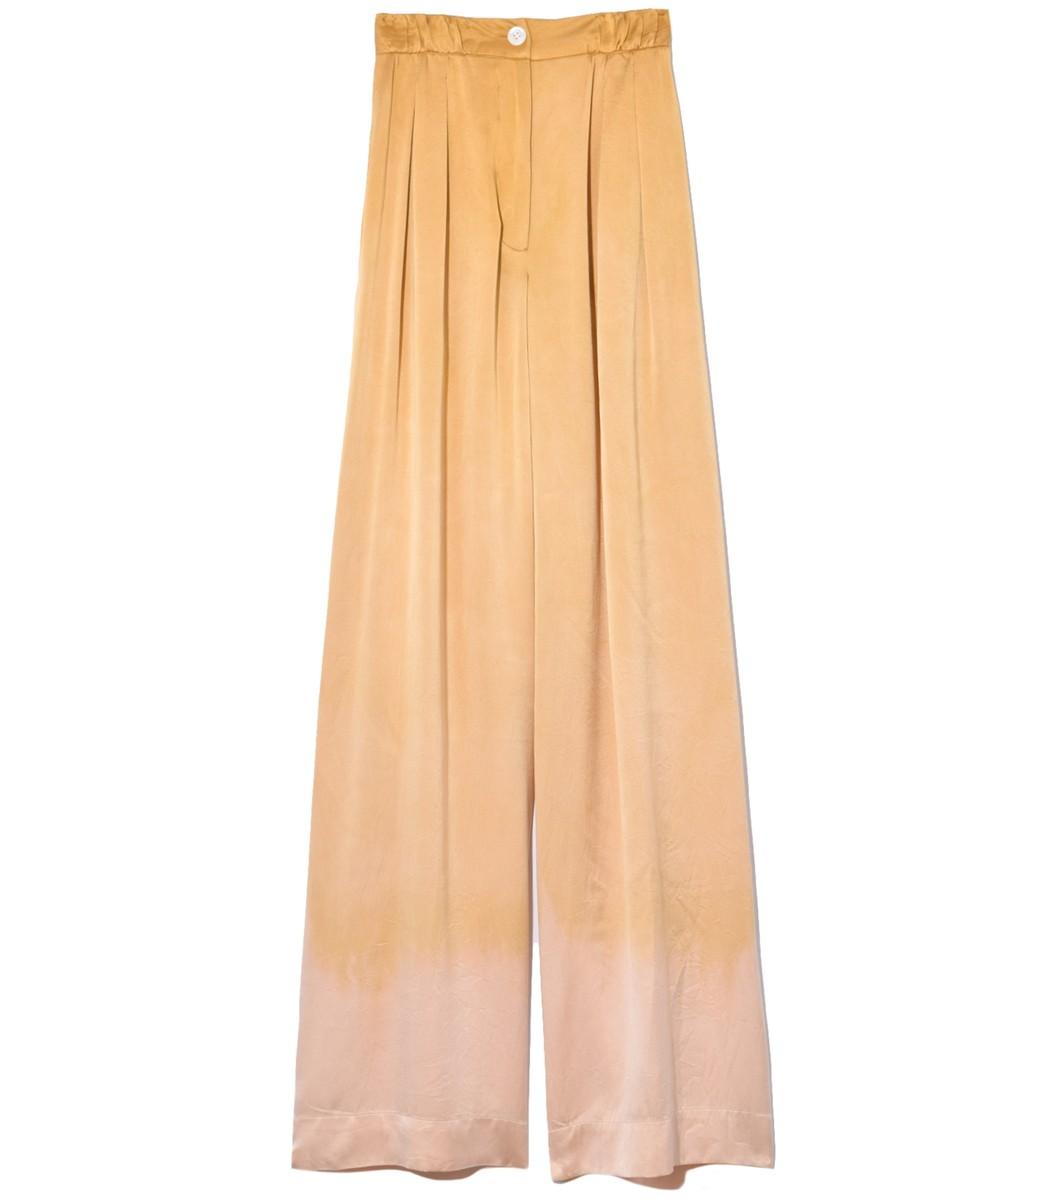 Raquel Allegra Pants Keaton Soft Trouser in Golden Sun Tie Dye